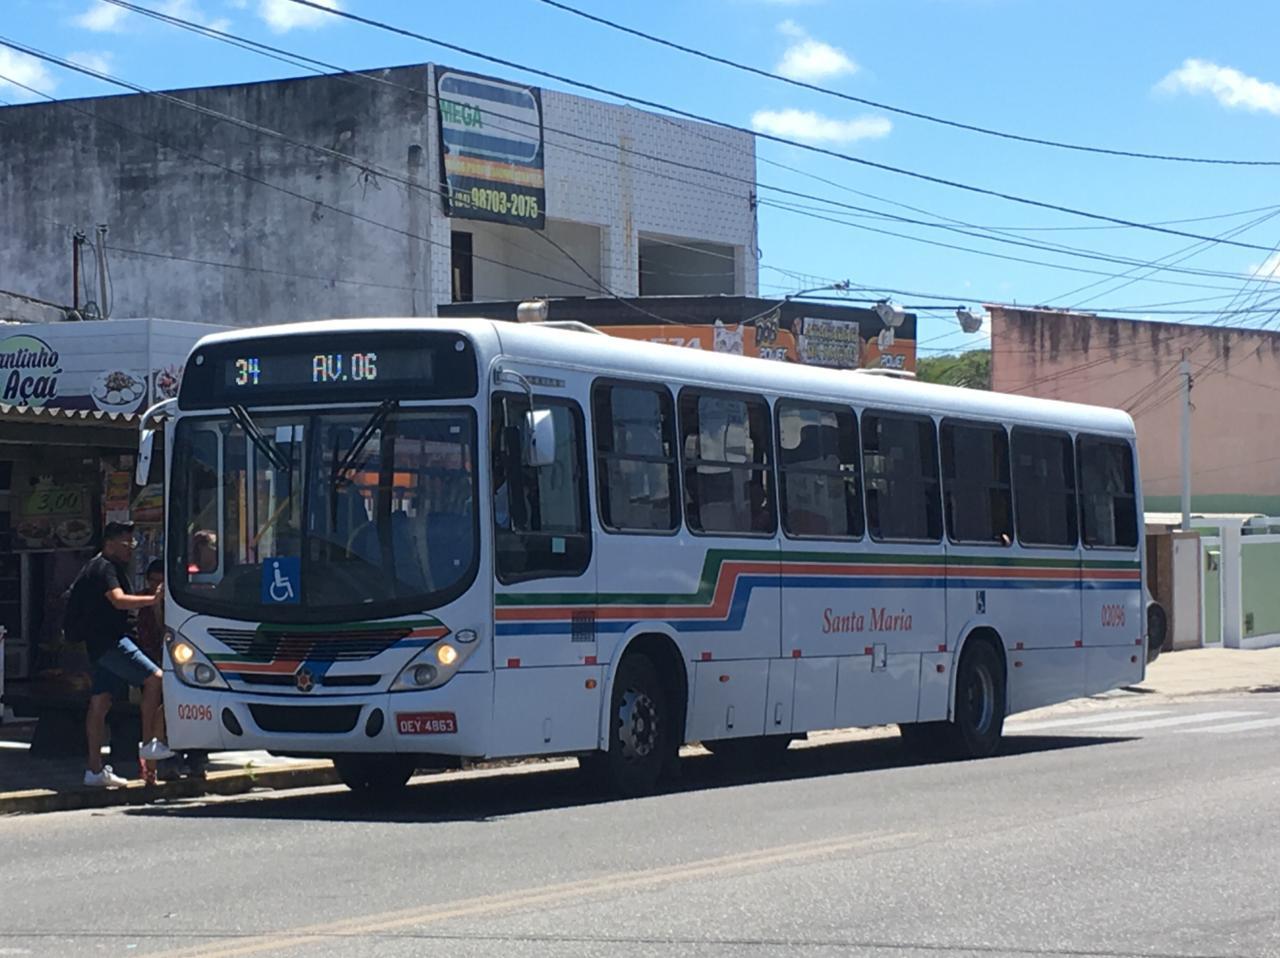 Volta de 100% da frota de ônibus só deve acontecer na semana que vem